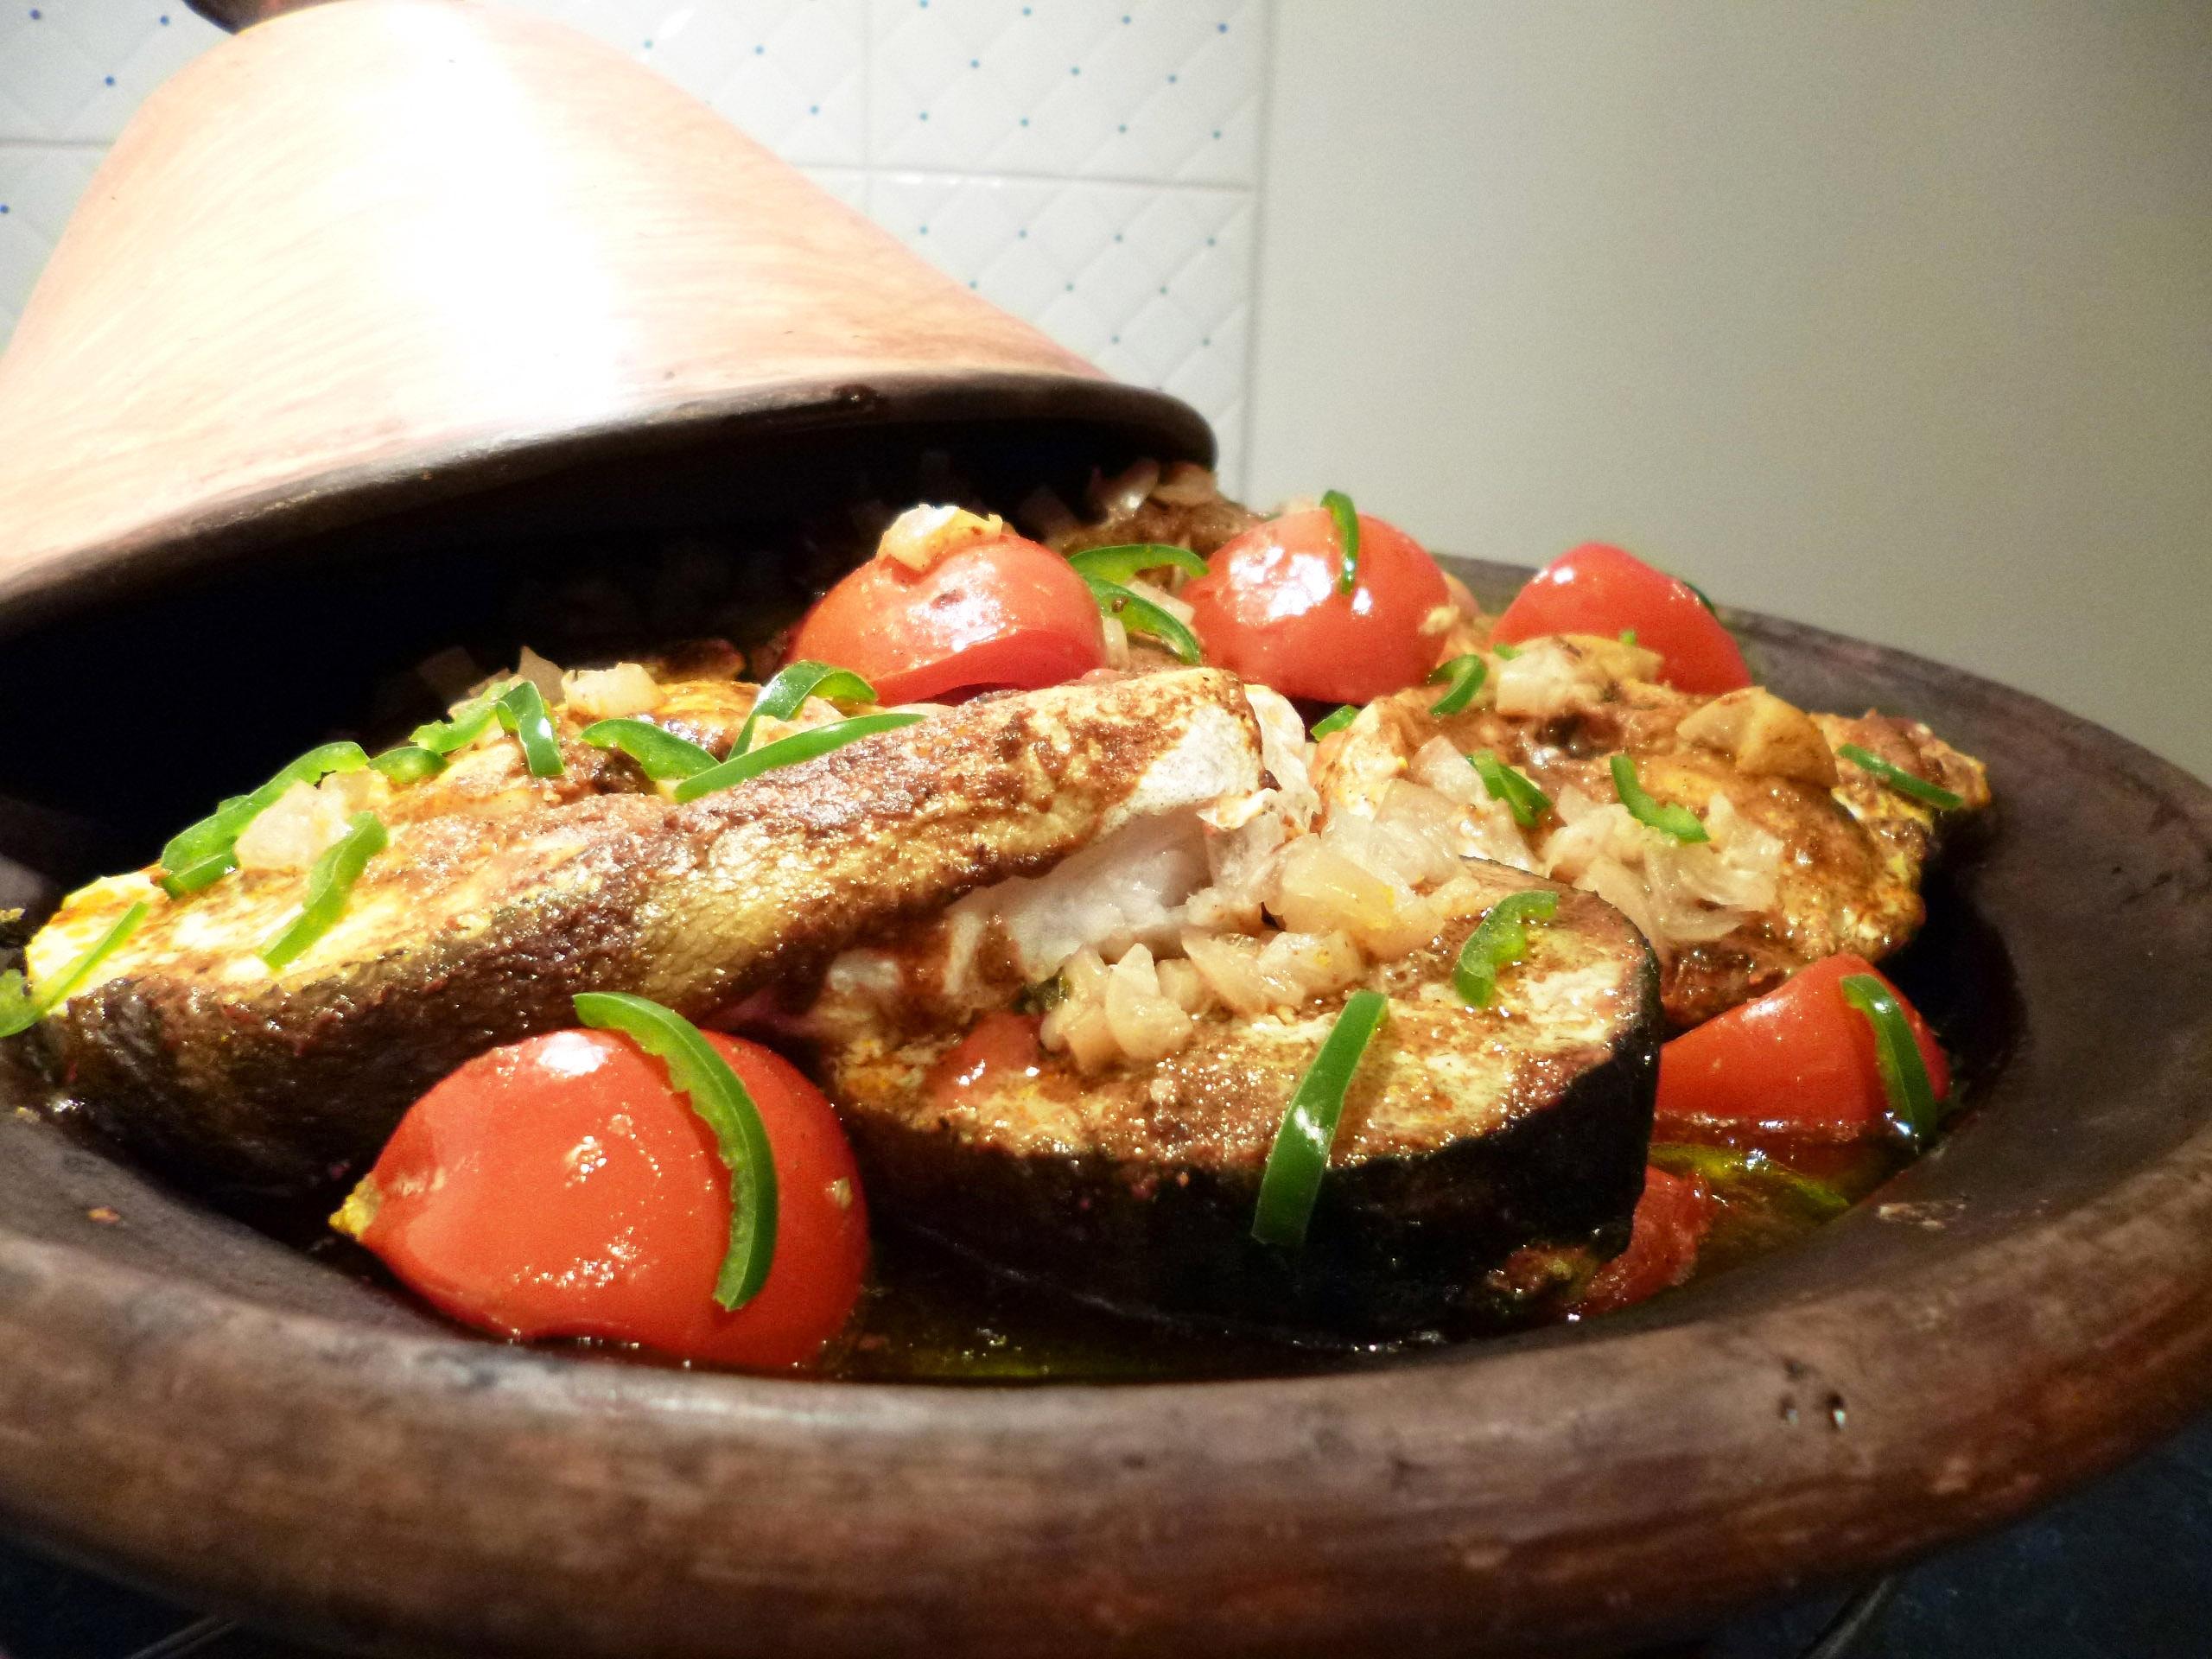 Tajine de poisson la recette facile par toqu s 2 cuisine - Cuisine poisson facile ...